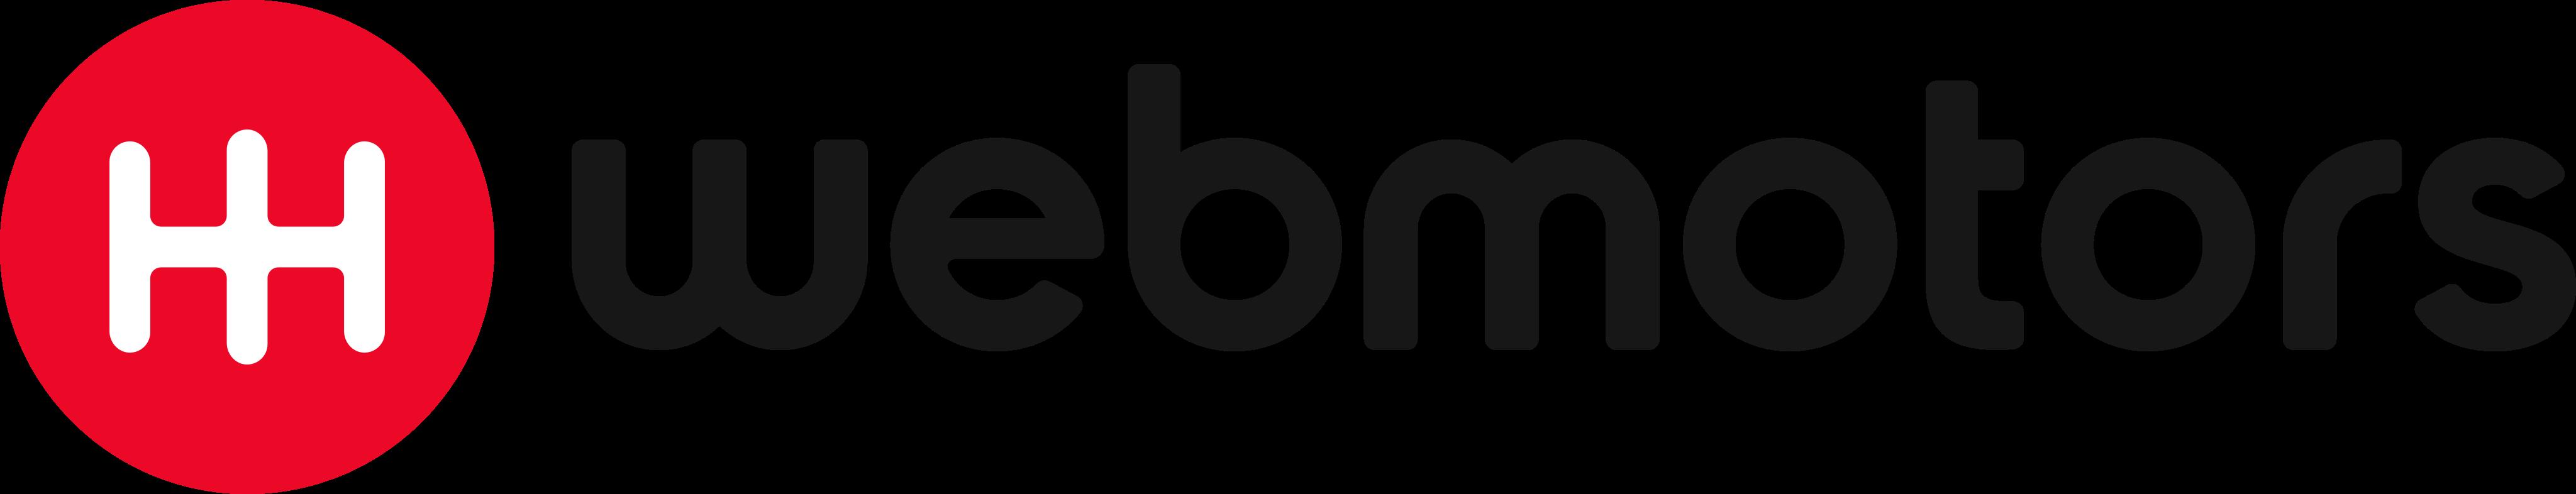 webmotors logo 8 - Webmotors Logo